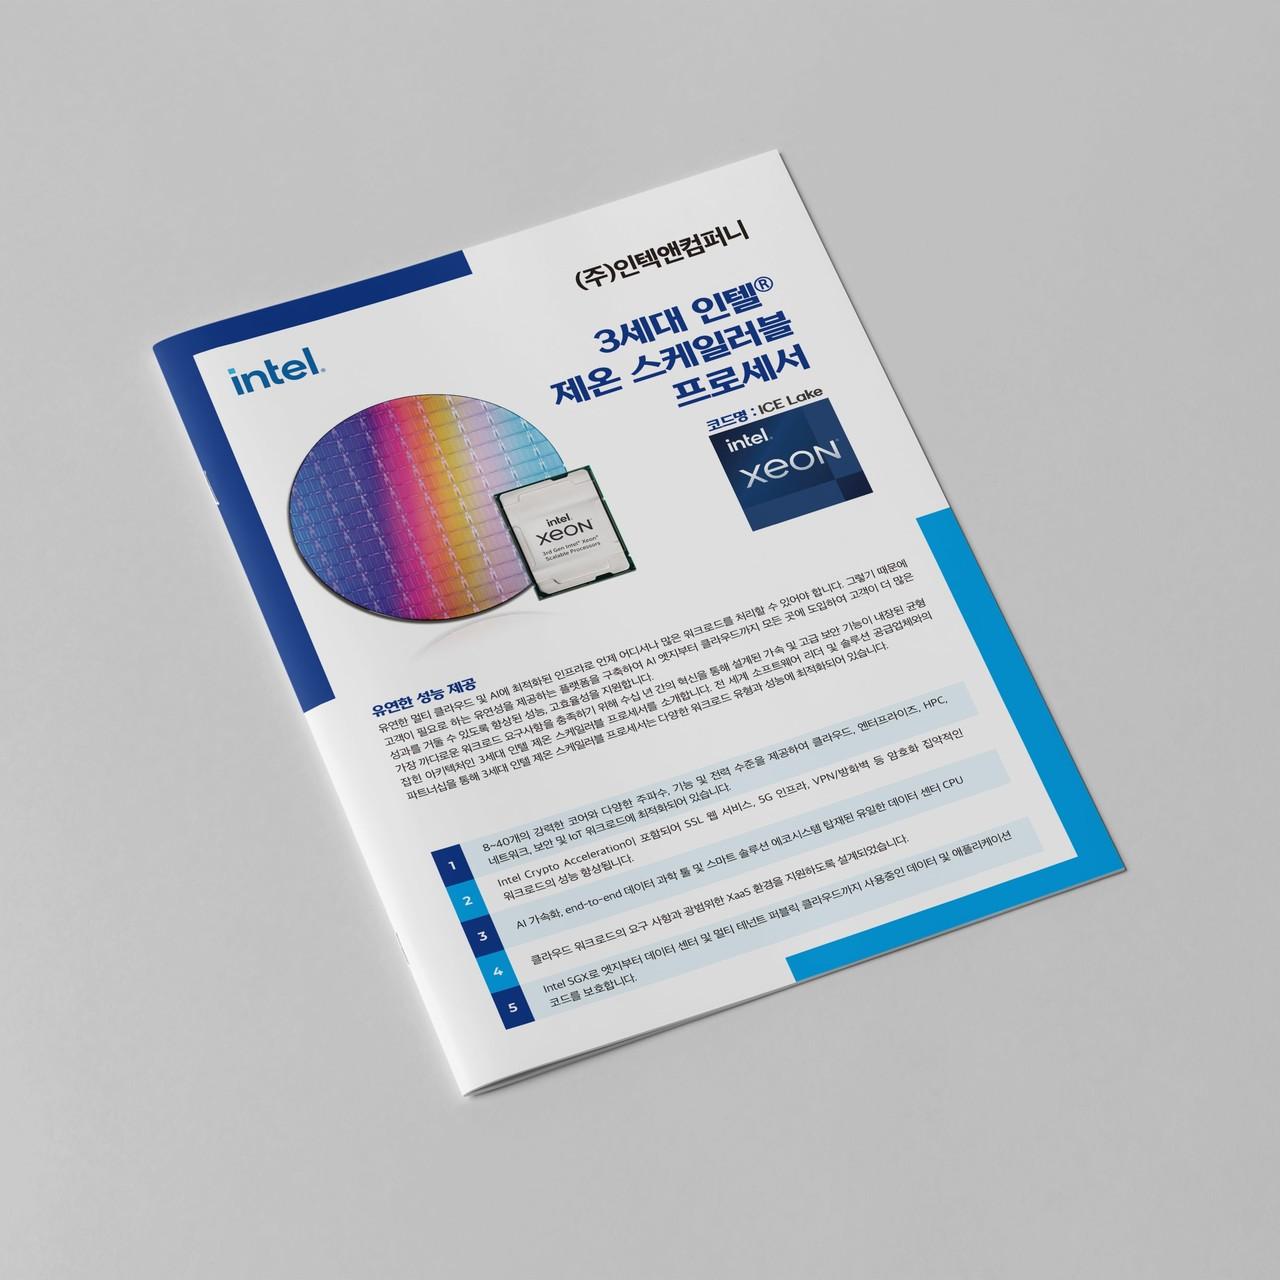 3세대 인텔 제온 스케일러블 프로세서 - 인텍앤컴퍼니